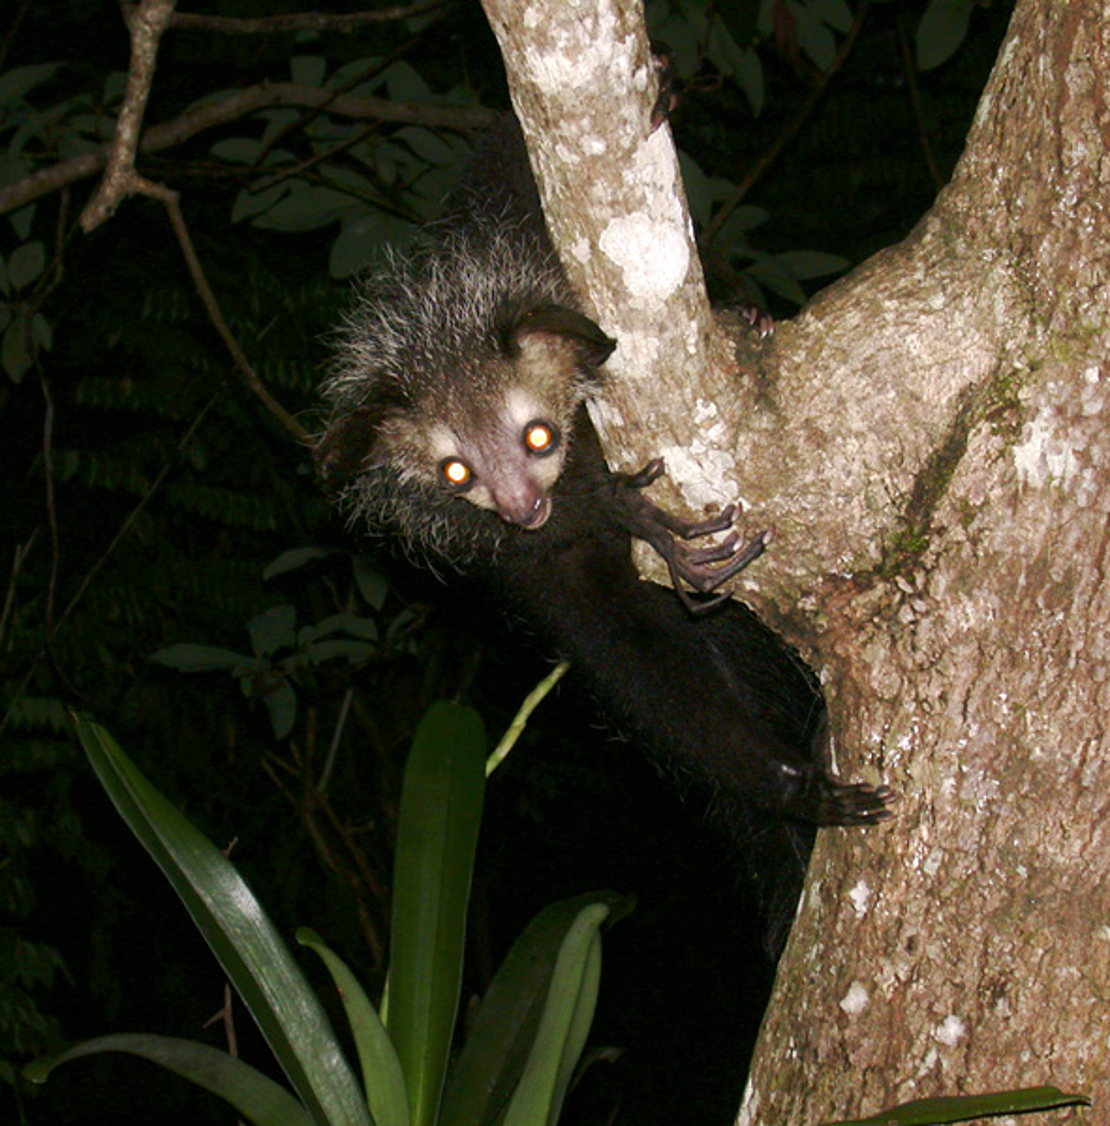 An aye aye clings to a tree at night